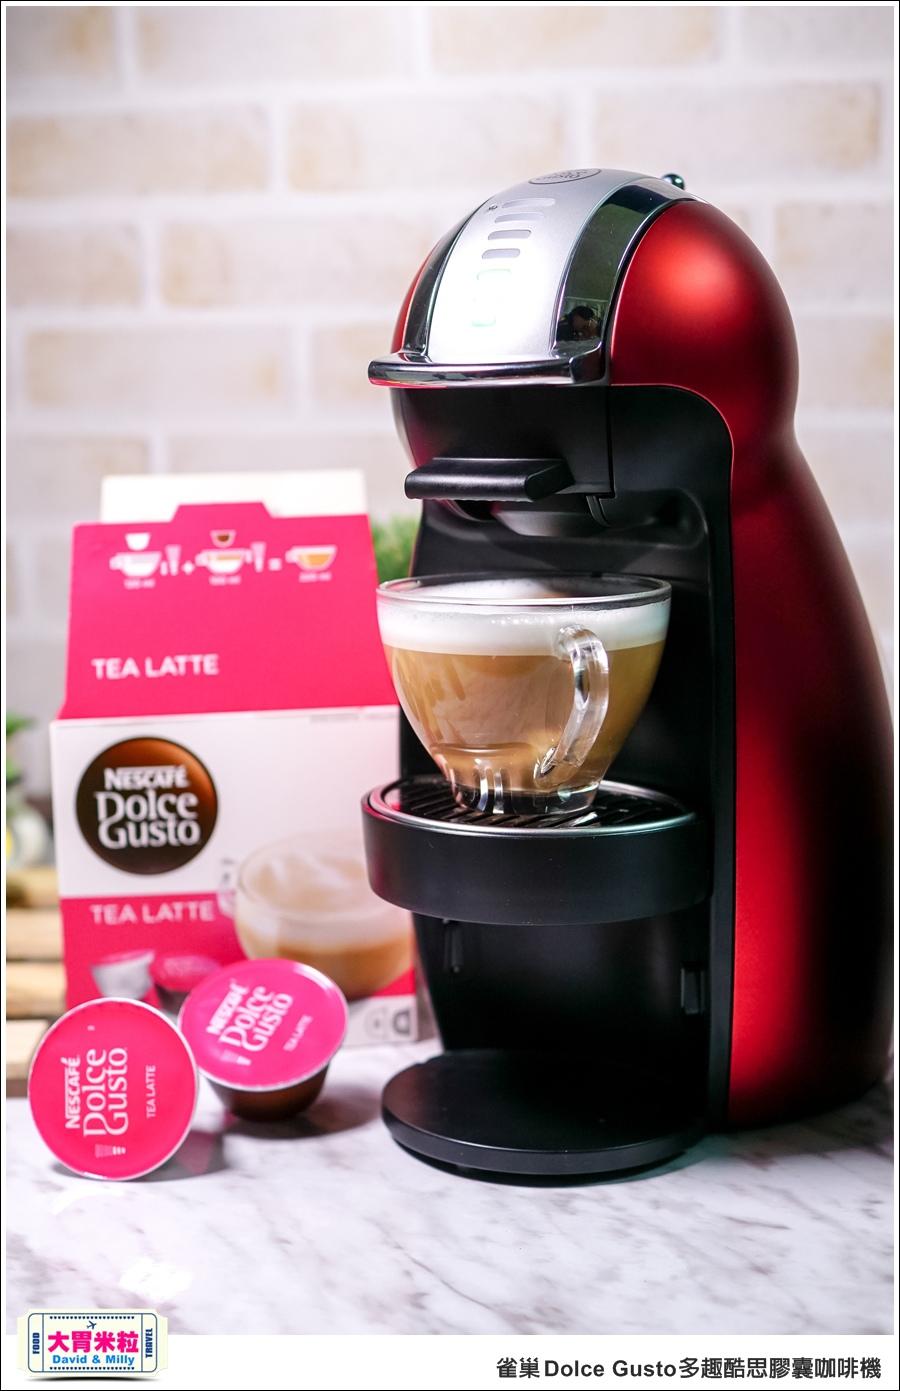 咖啡機推薦@雀巢 Dolce Gusto 多趣酷思膠囊咖啡機 @大胃米粒 0047.jpg